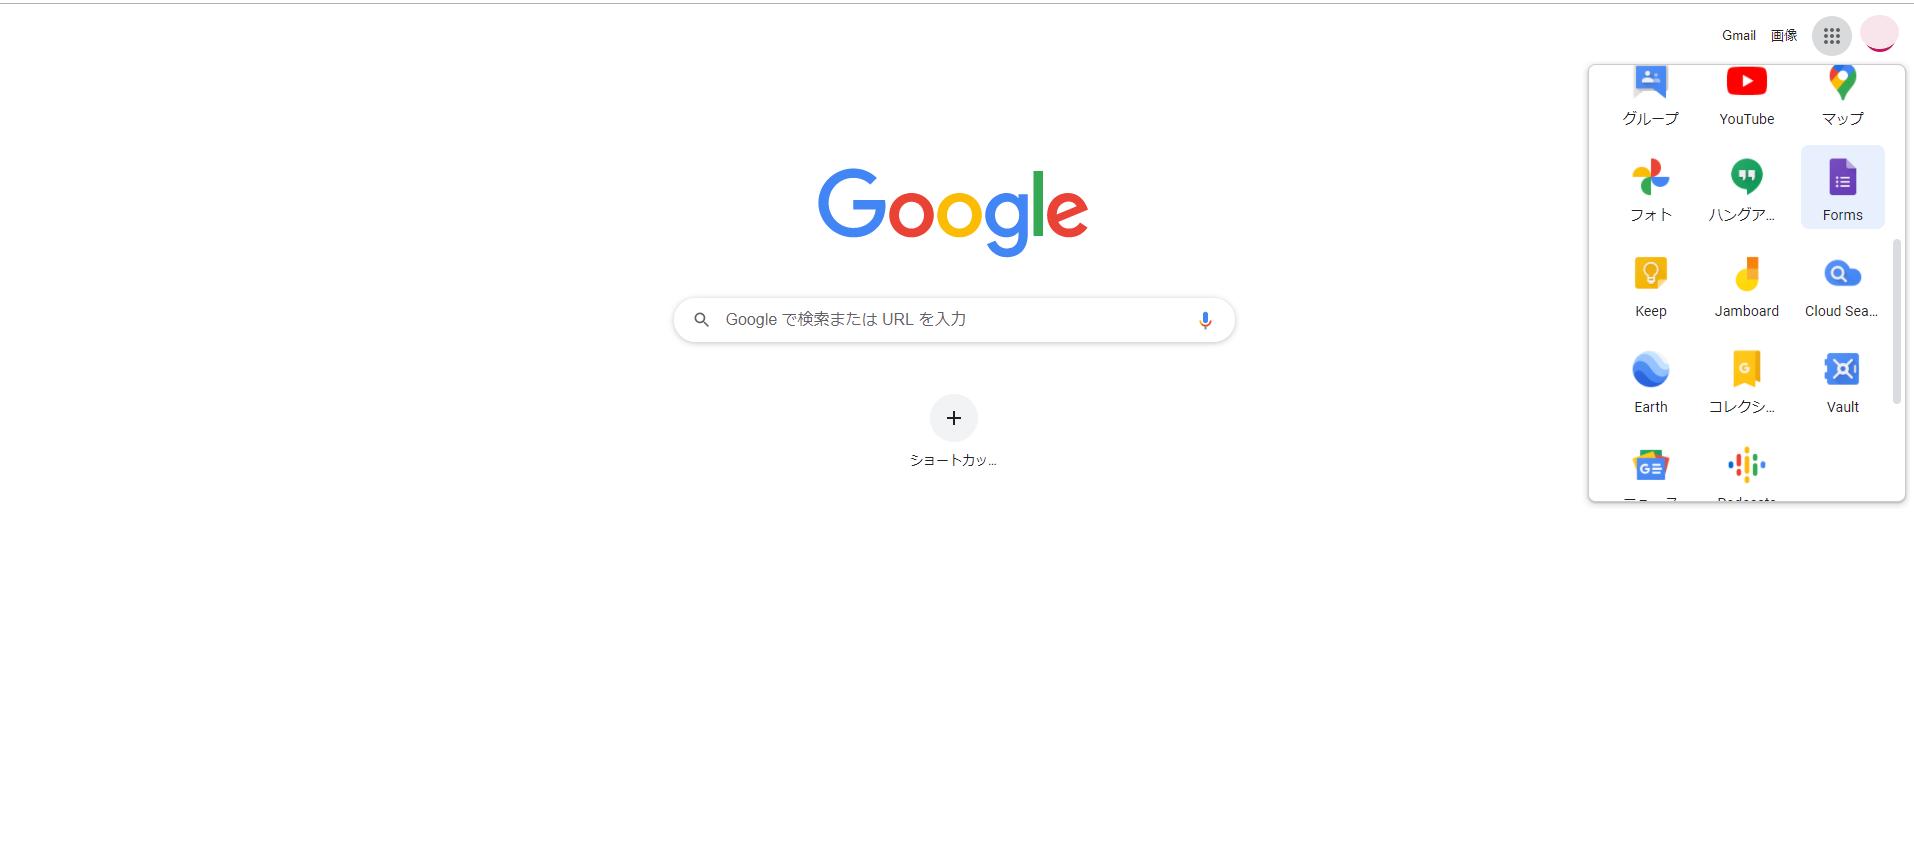 フォーム url google